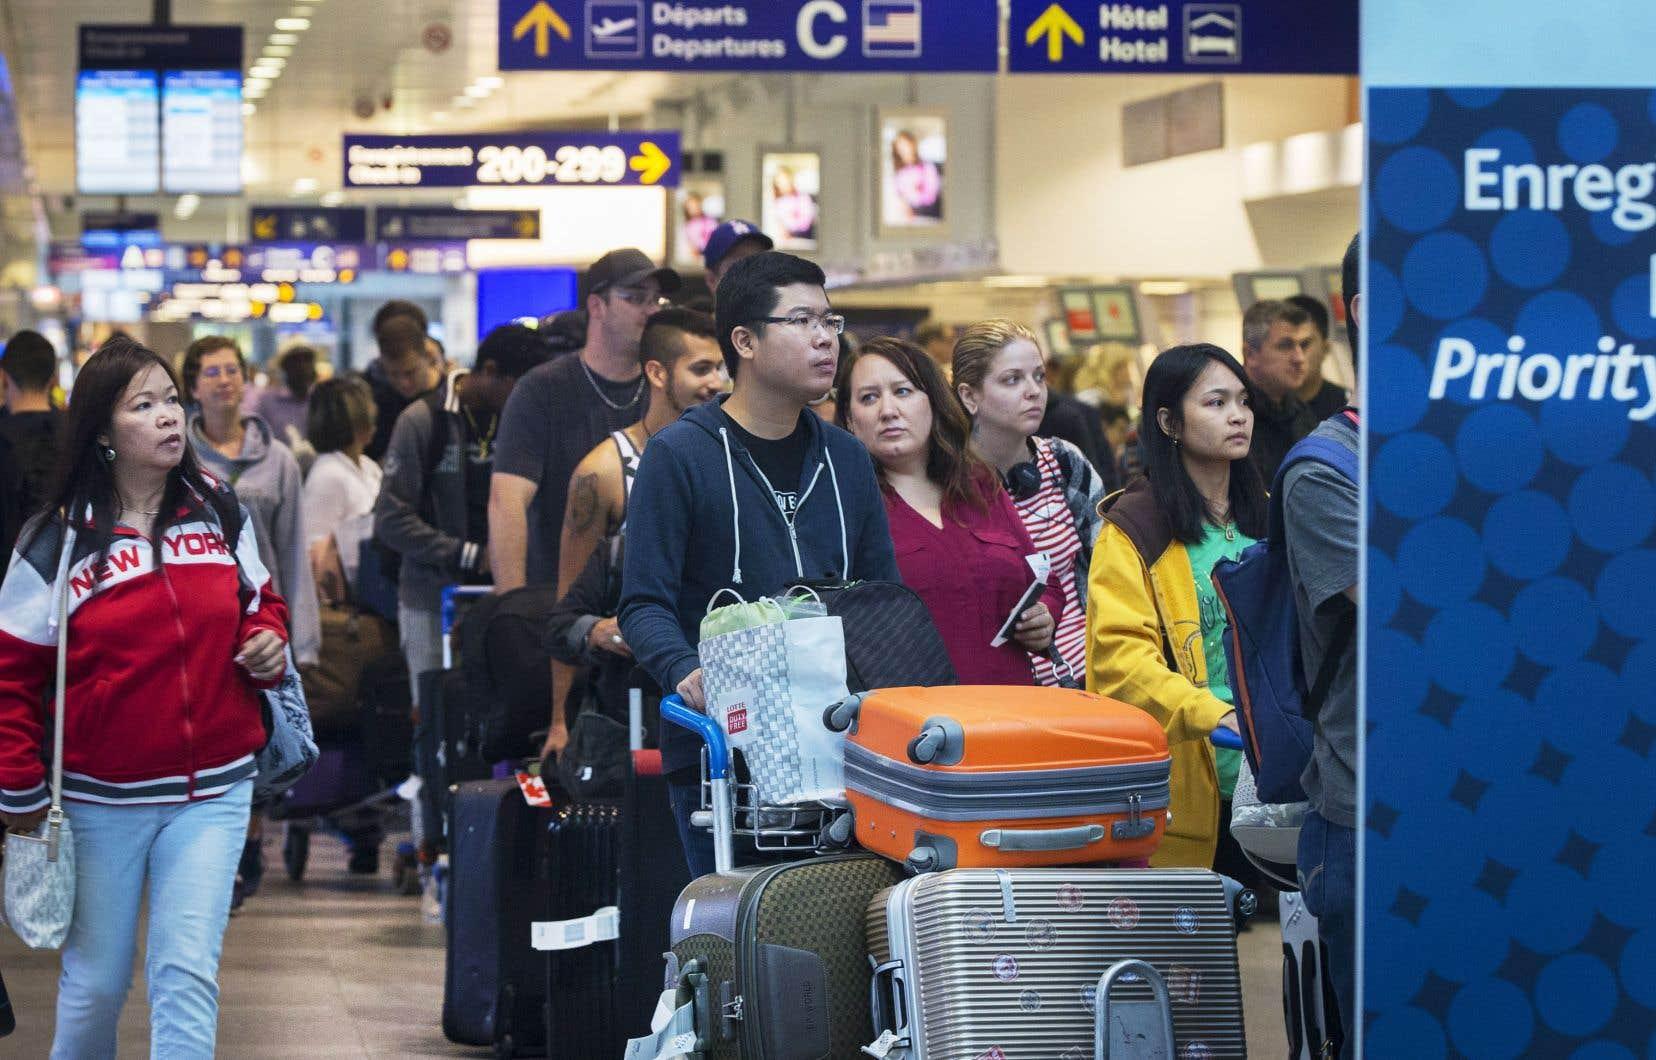 Air Canada et WestJet suggèrent aux voyageurs canadiens d'arriver à l'aéroport et de s'enregistrer deux heures avant l'heure prévue du départ, ce qui était déjà le cas auparavant.